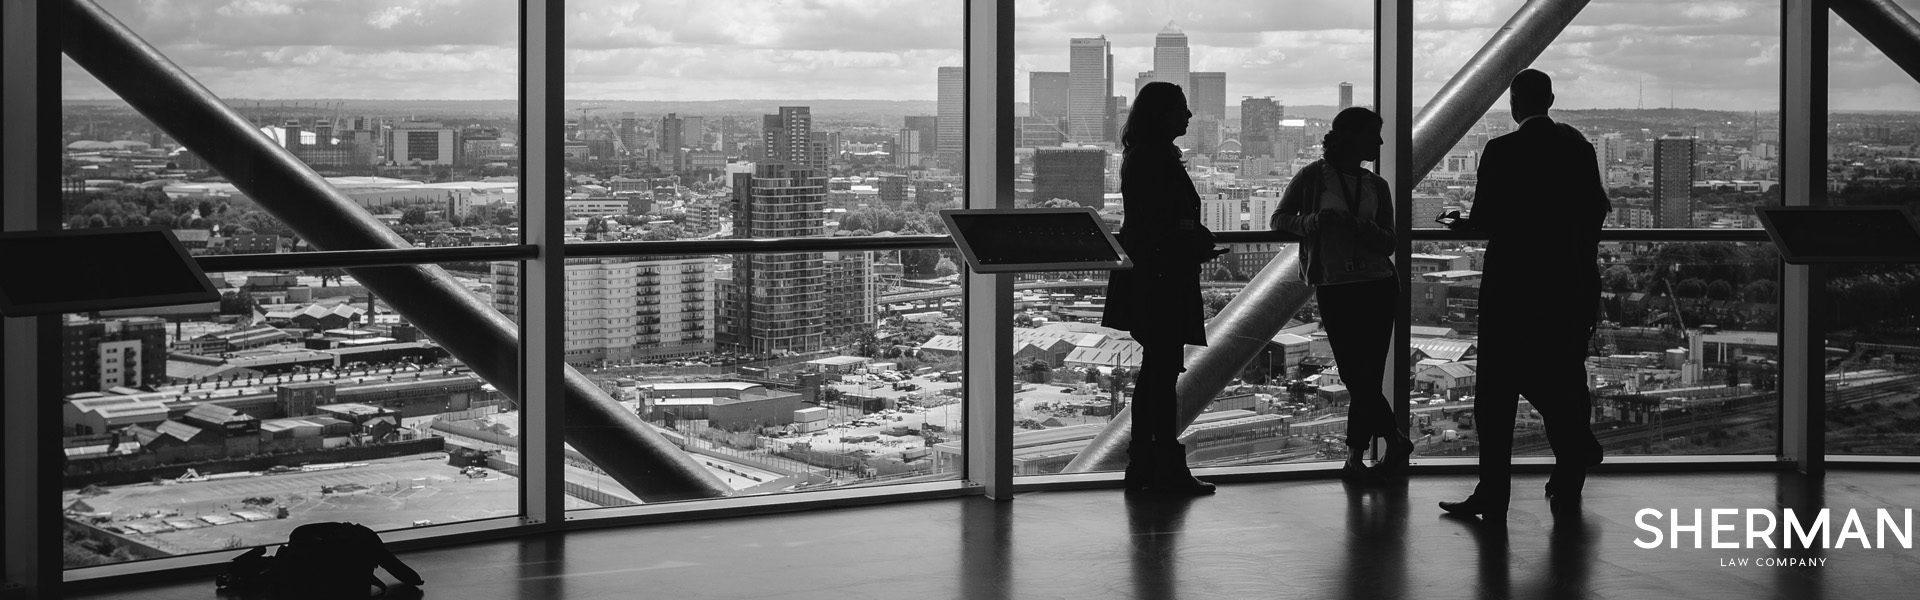 Налоговые риски при заключении договоров: должная осмотрительность при выборе контрагента